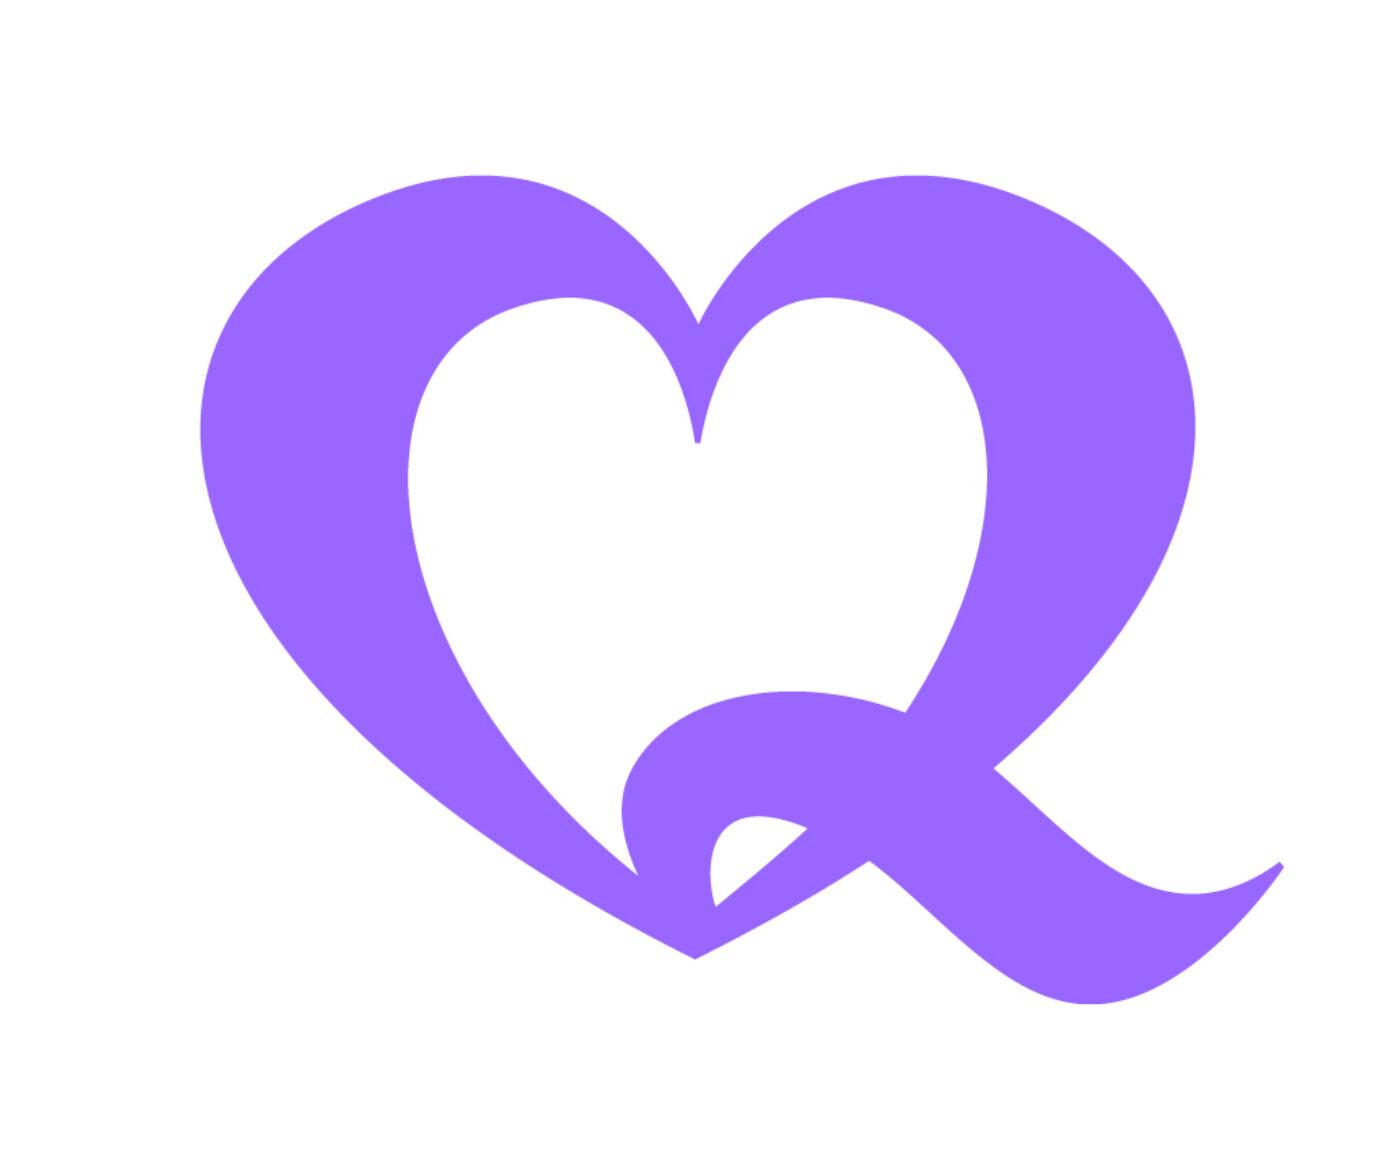 Miquela heart oscartorrans